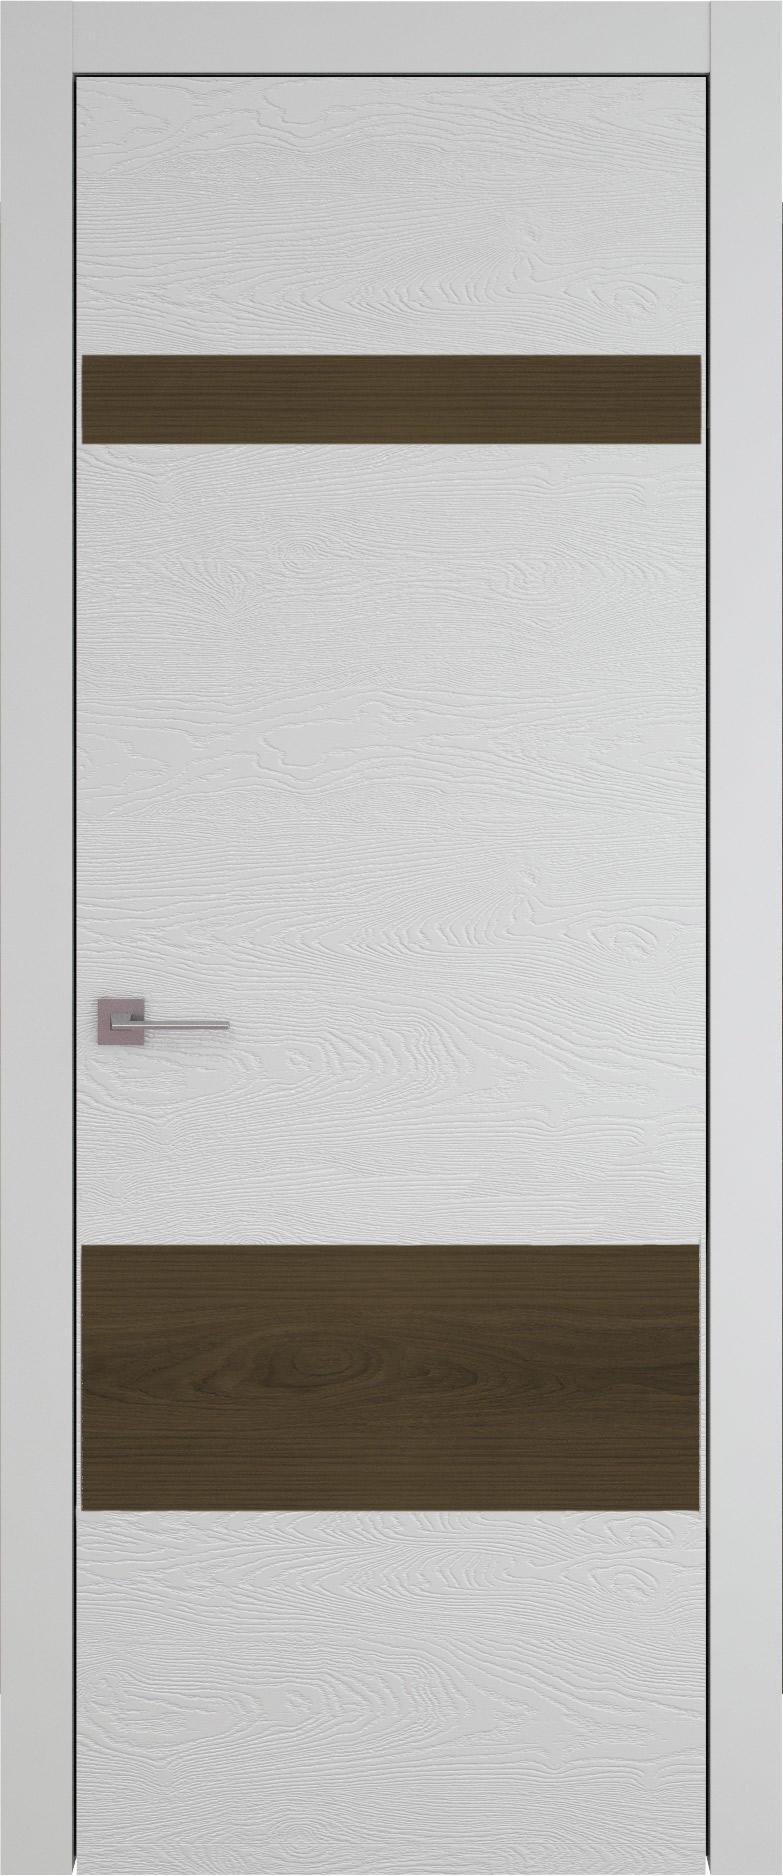 Tivoli К-4 цвет - Серая эмаль по шпону (RAL 7047) Без стекла (ДГ)